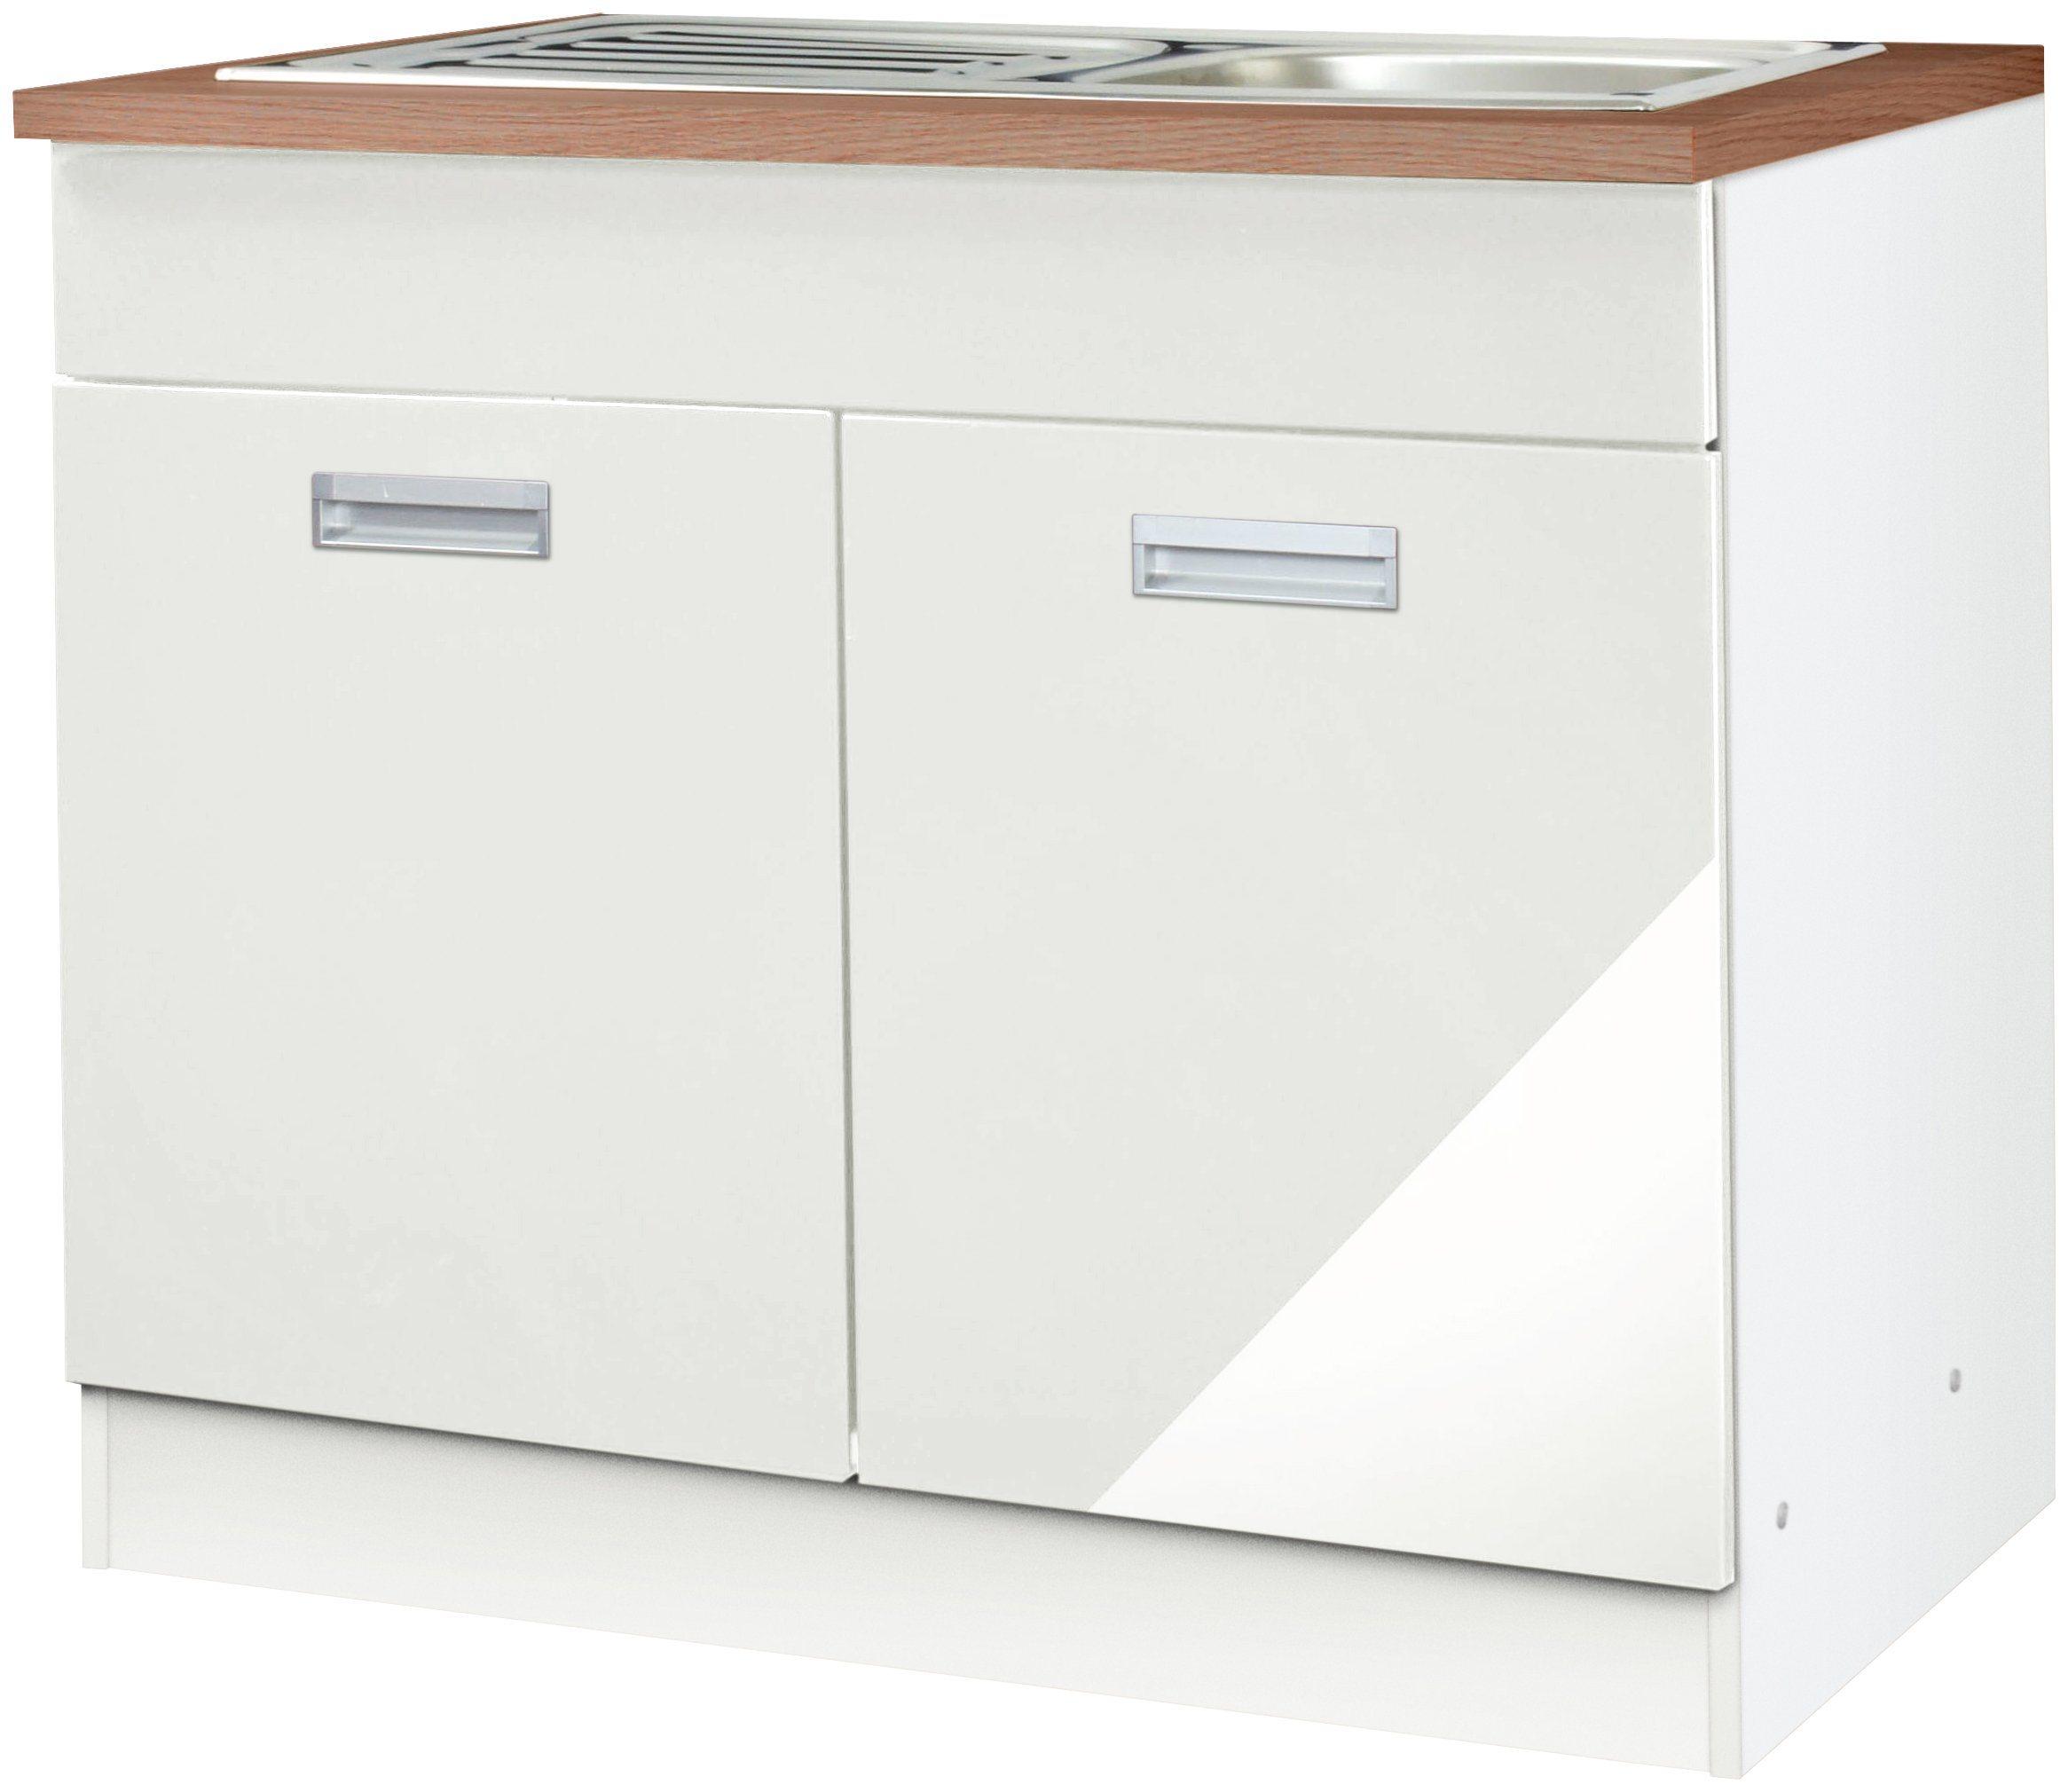 HELD MÖBEL Spülenschrank »Fulda, Breite 100 cm« | Küche und Esszimmer > Küchenschränke > Spülenschränke | Holzwerkstoff - Edelstahl | HELD MÖBEL